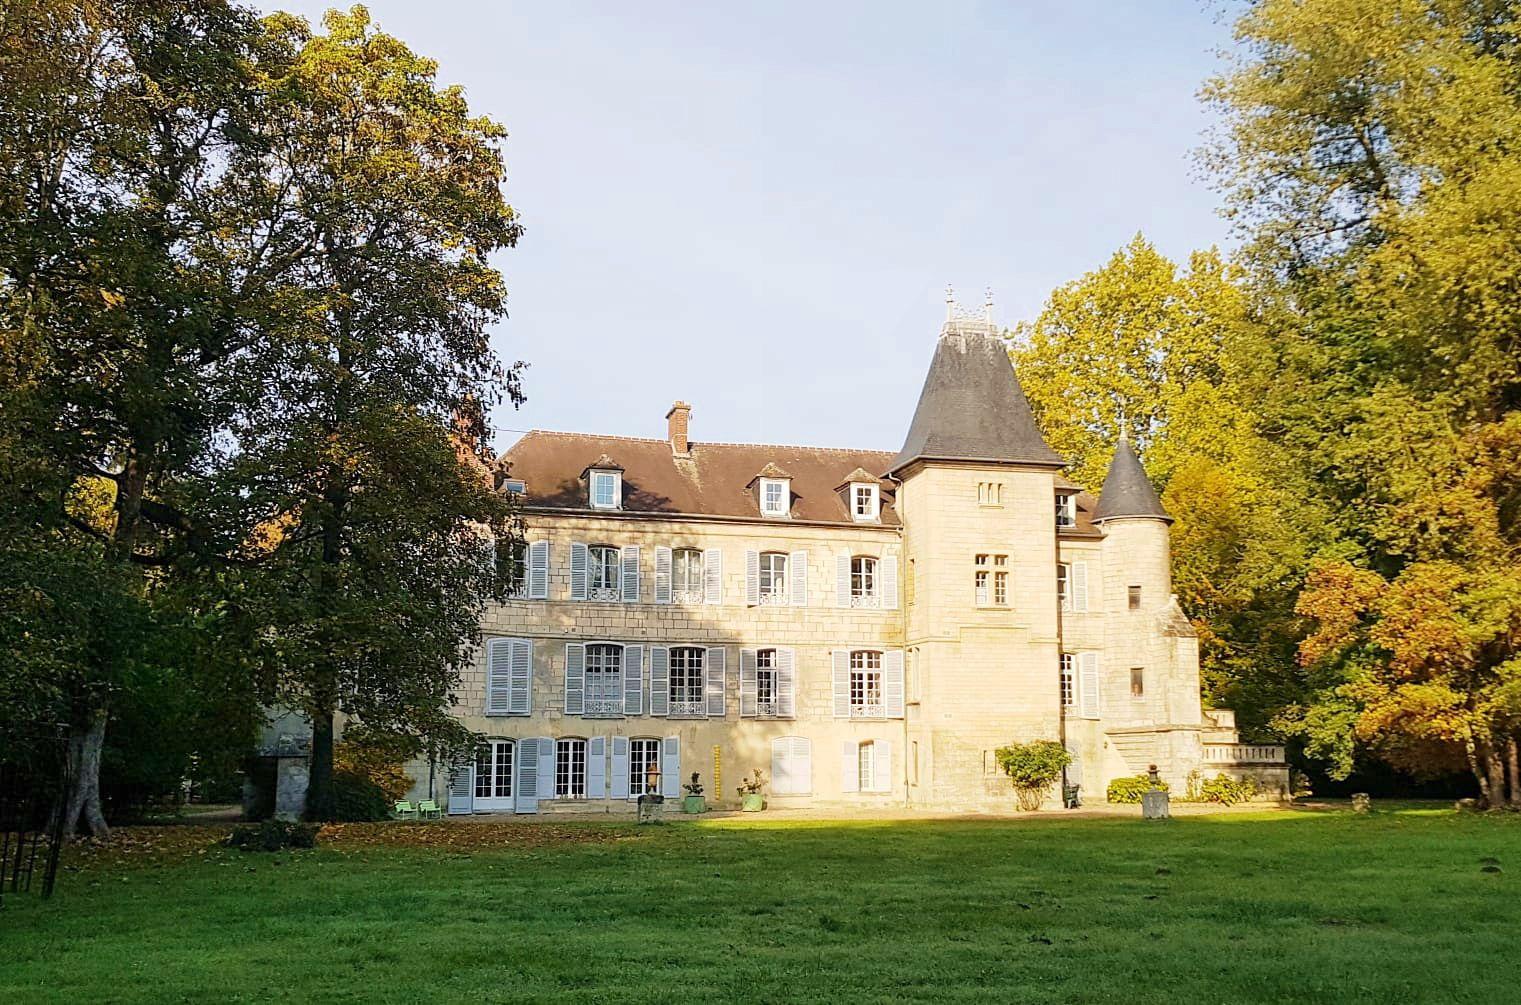 Loue T5, 3chambres, 150m²dans un château à 10km de Compiègne, Saintines (60)